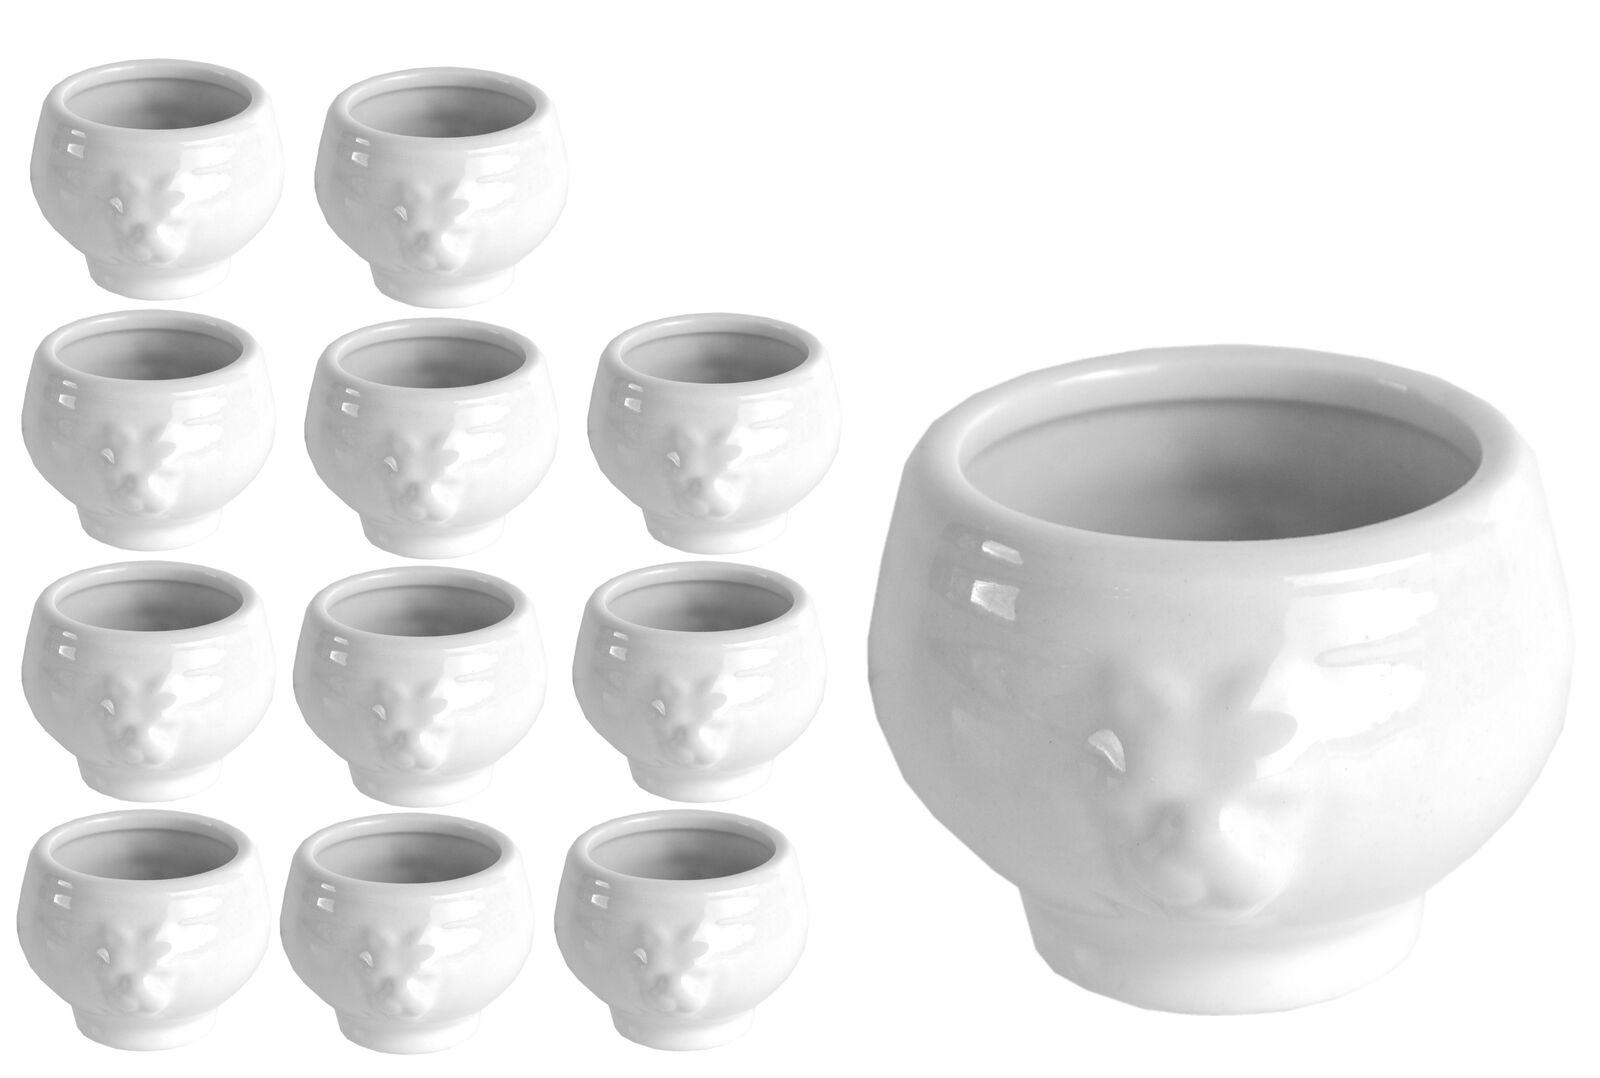 12er Set Mini Löwenkopfterrine 6cl weiß Dip-Schale Schälchen Geschirr Porzellan